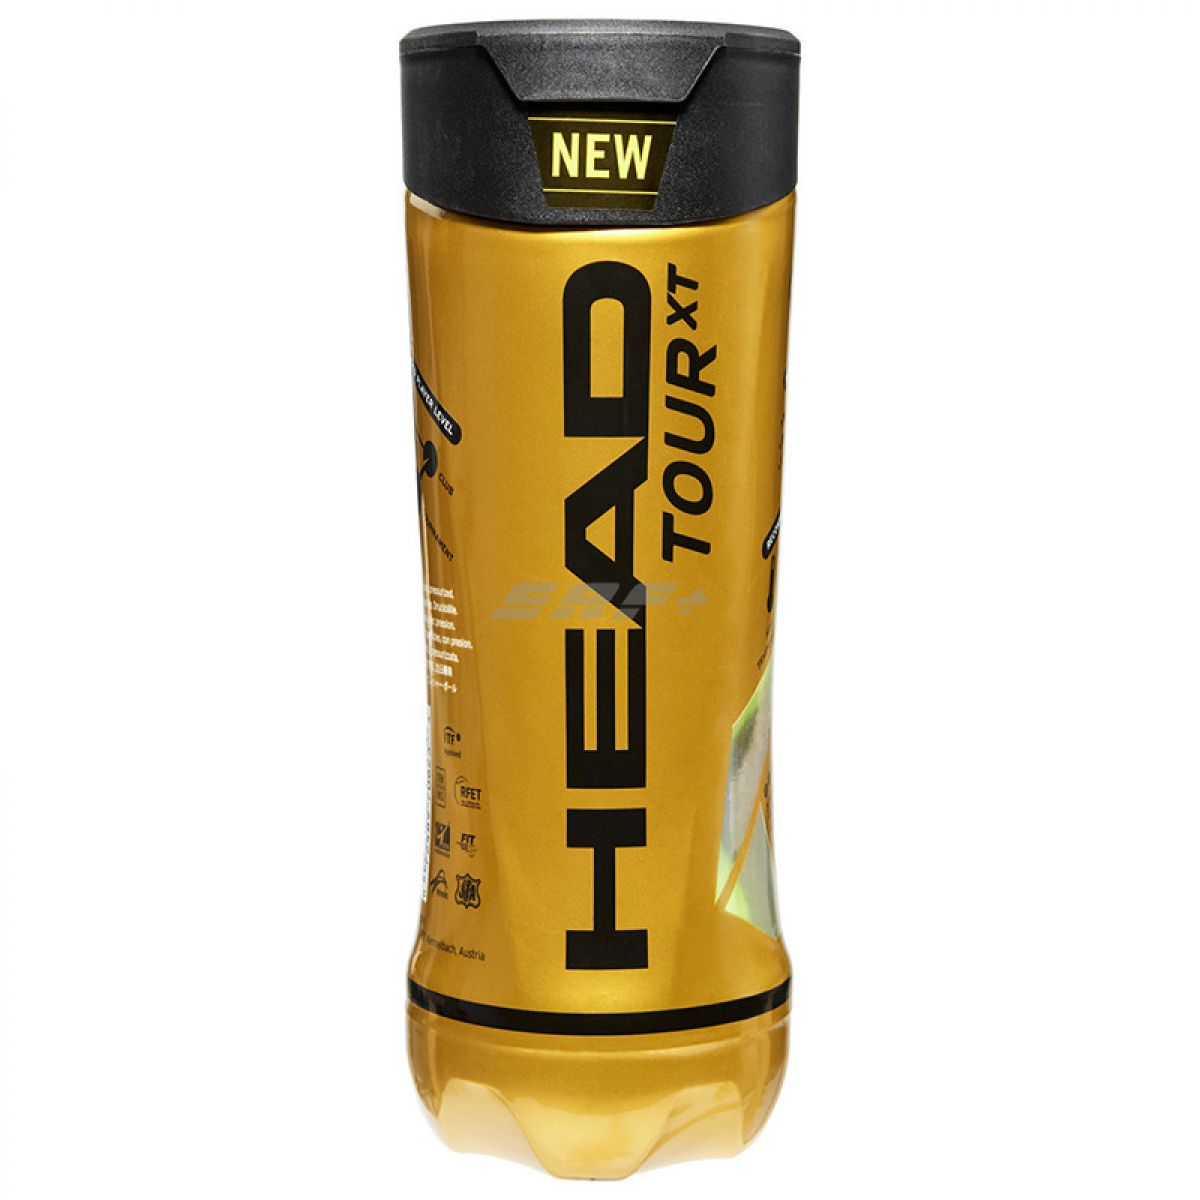 Мяч теннисный Мяч теннисный HEAD TOUR XT 3B,арт.570823, уп.3 шт,одобр.ITF,сукно,нат.резина,желтый